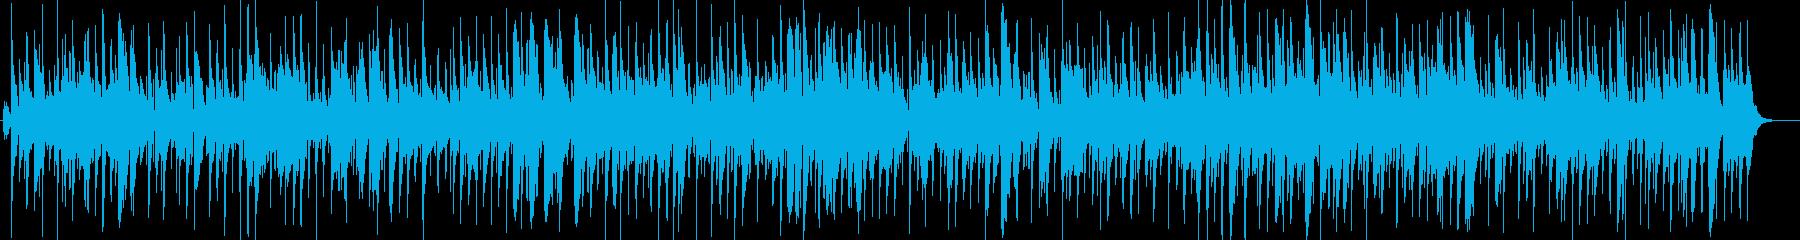 休日のカフェで聴きたいカントリーバラードの再生済みの波形